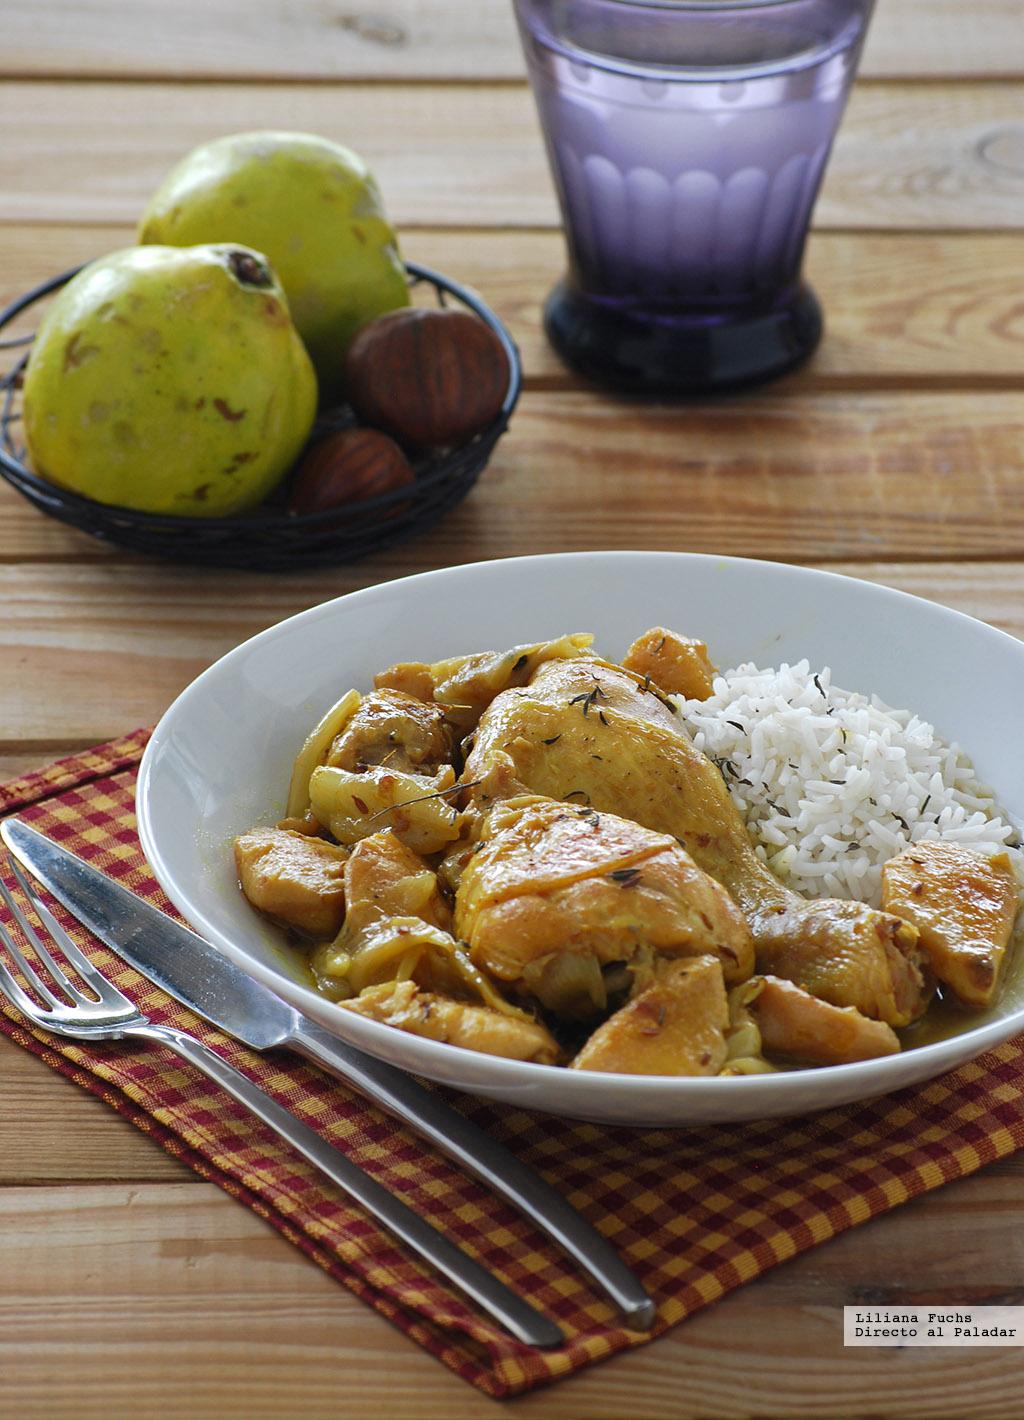 Muslitos de pollo con membrillo receta - Muslitos de pollo ...